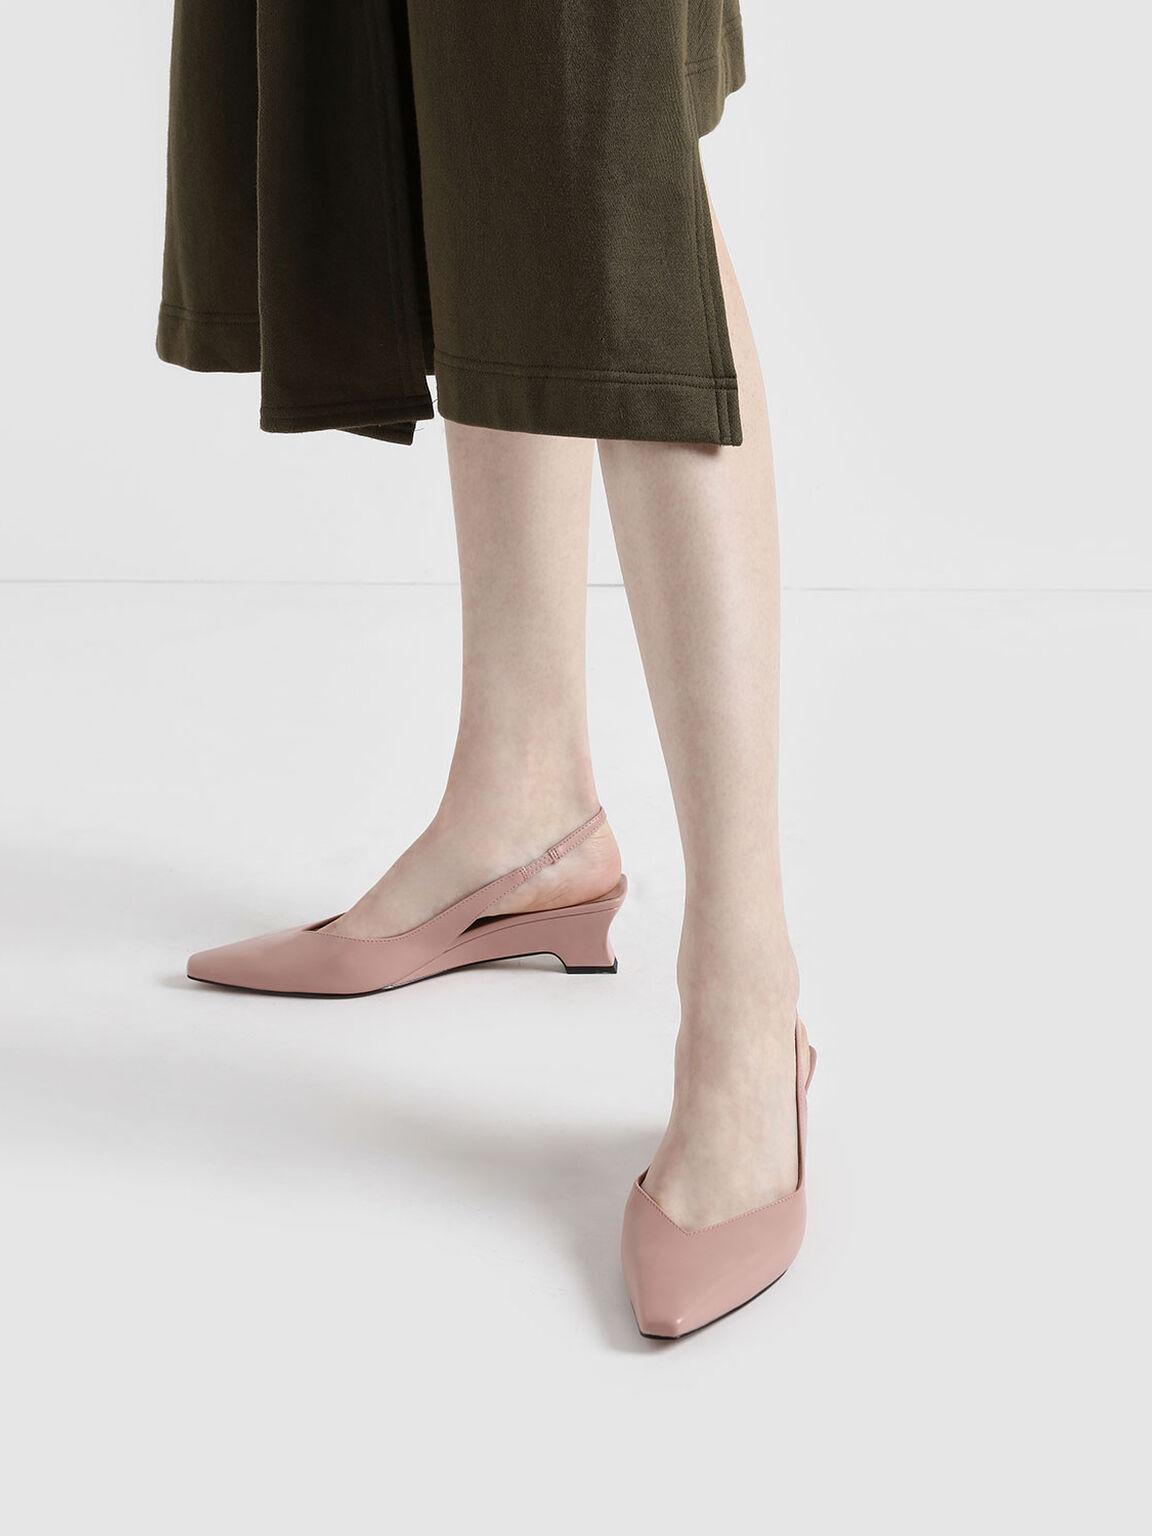 V-Cut Low Sculptural Heel Slingback Pumps, Nude, hi-res